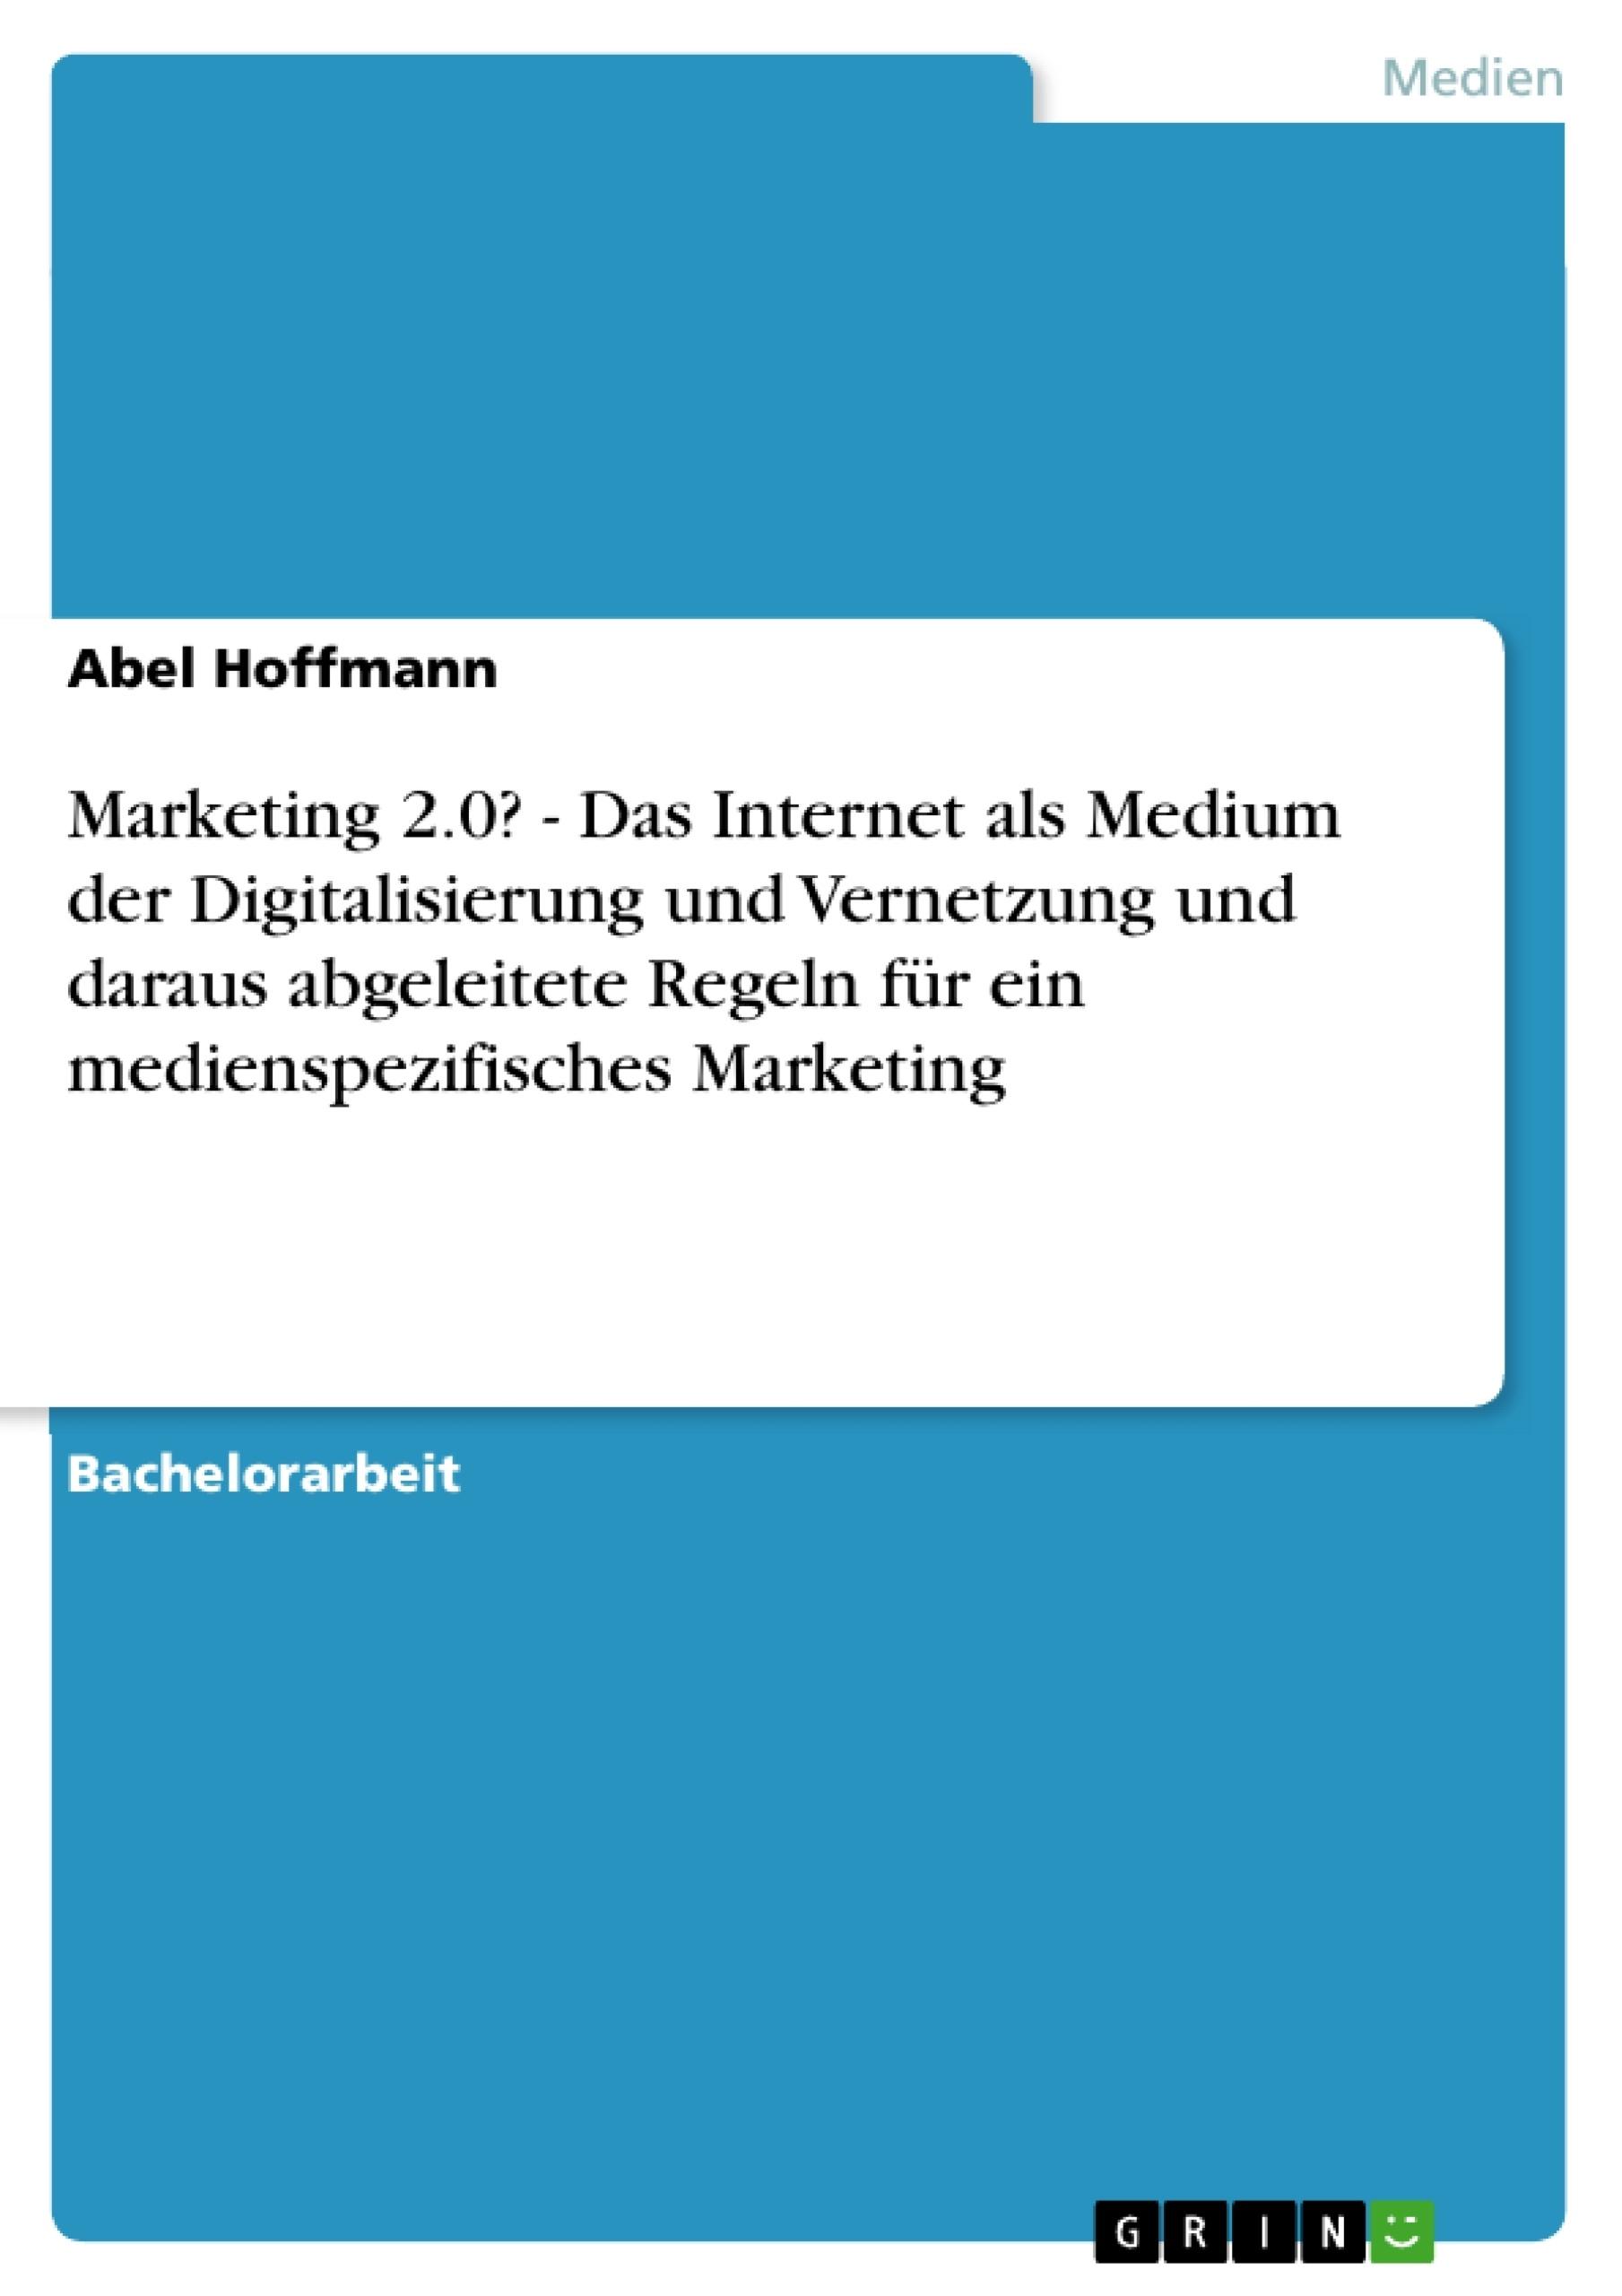 Titel: Marketing 2.0? - Das Internet als Medium der Digitalisierung und Vernetzung und daraus abgeleitete Regeln für ein medienspezifisches Marketing